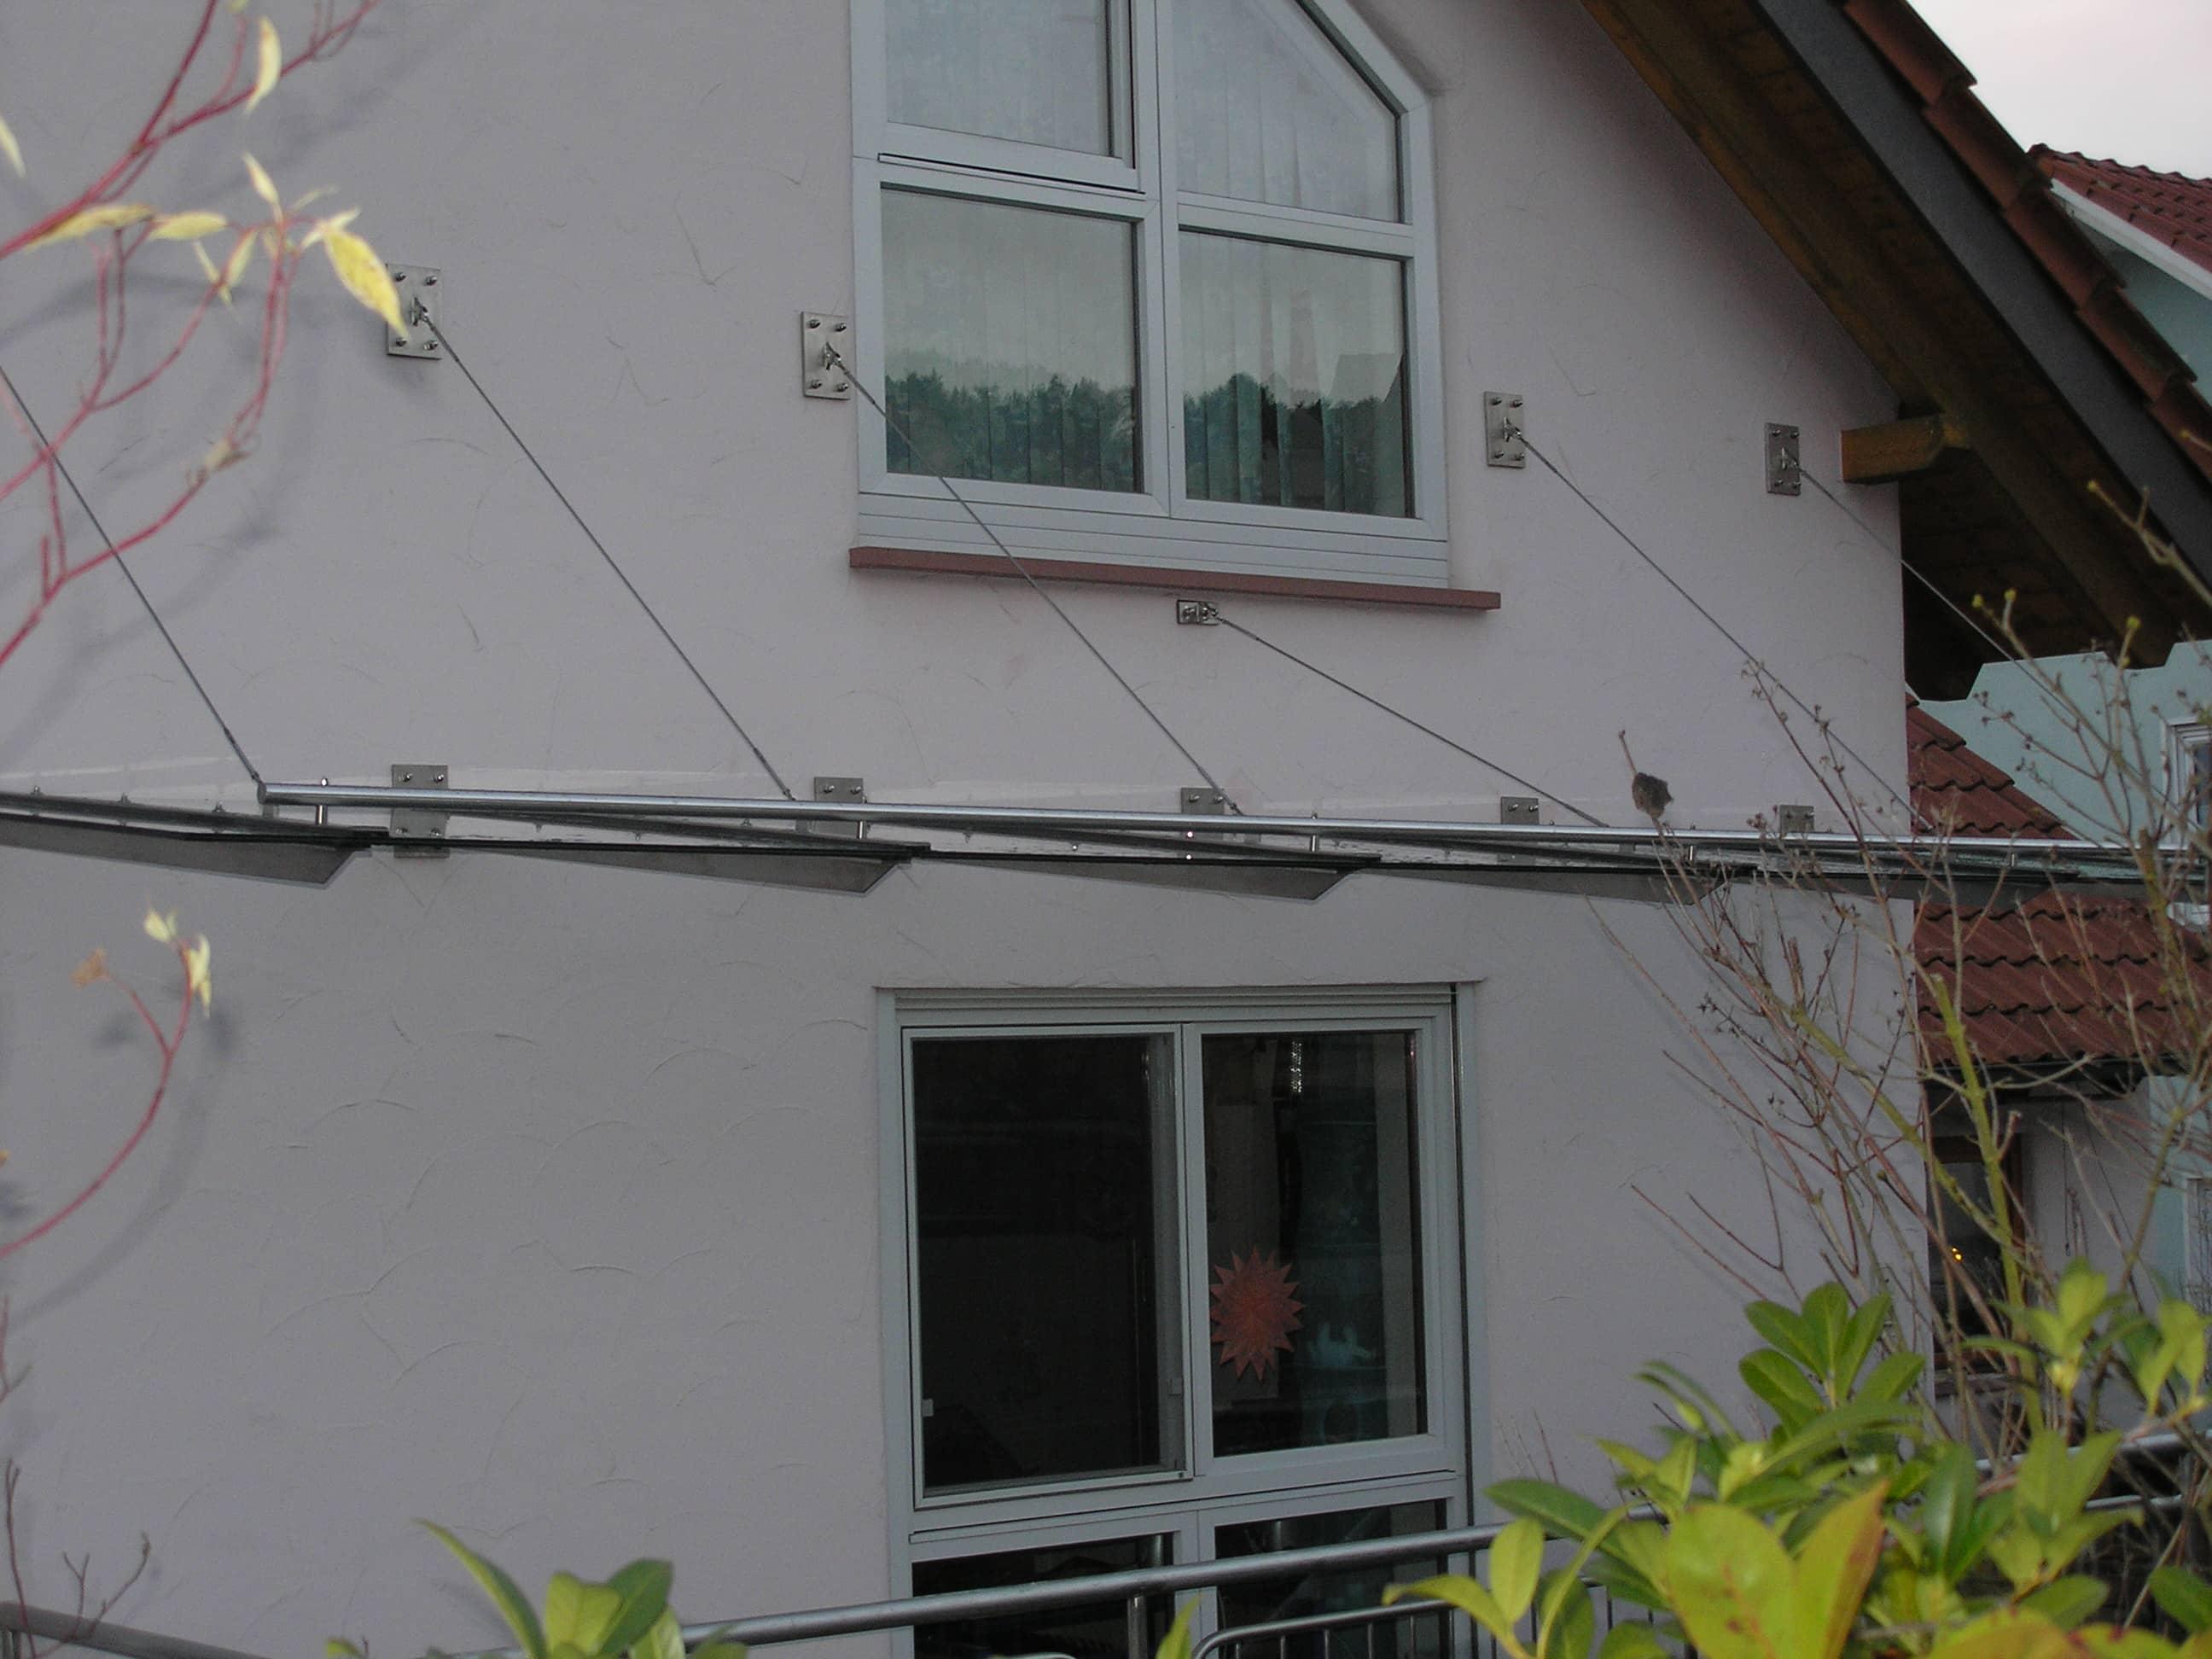 Vordach aus Edelstahl und Glas von Metallbau Häusler